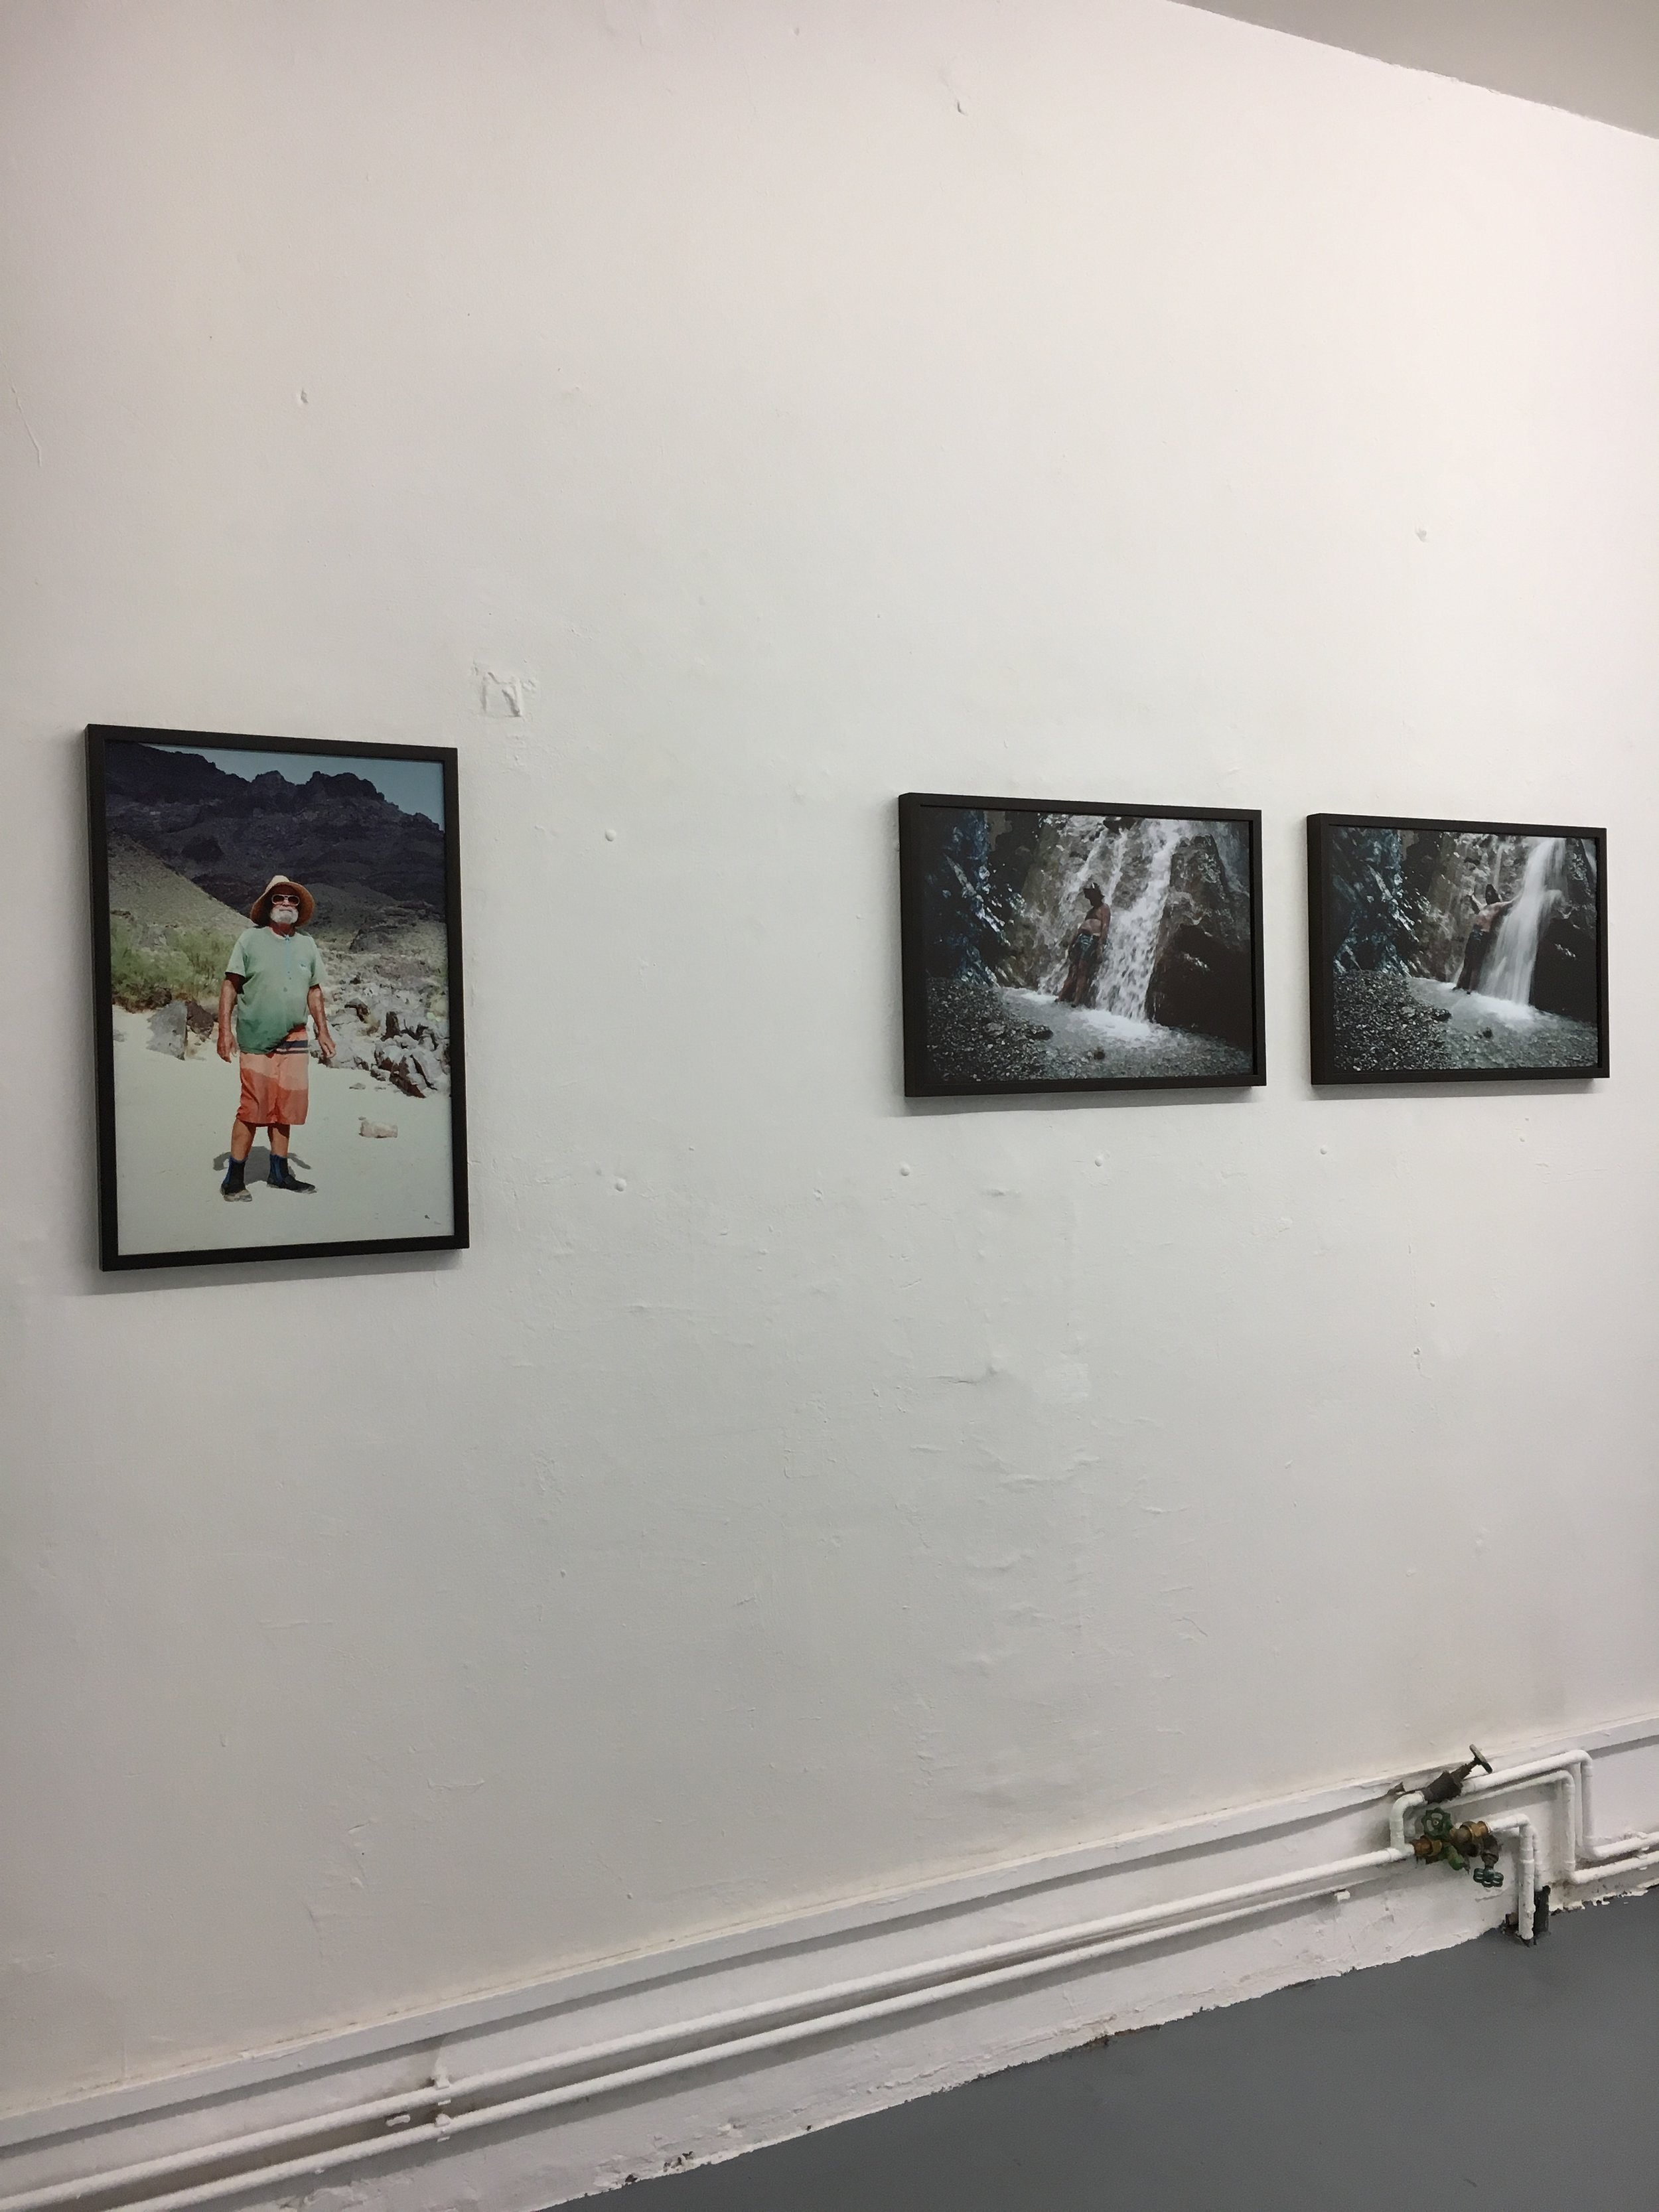 Andrew Phelps / Scope Galerie